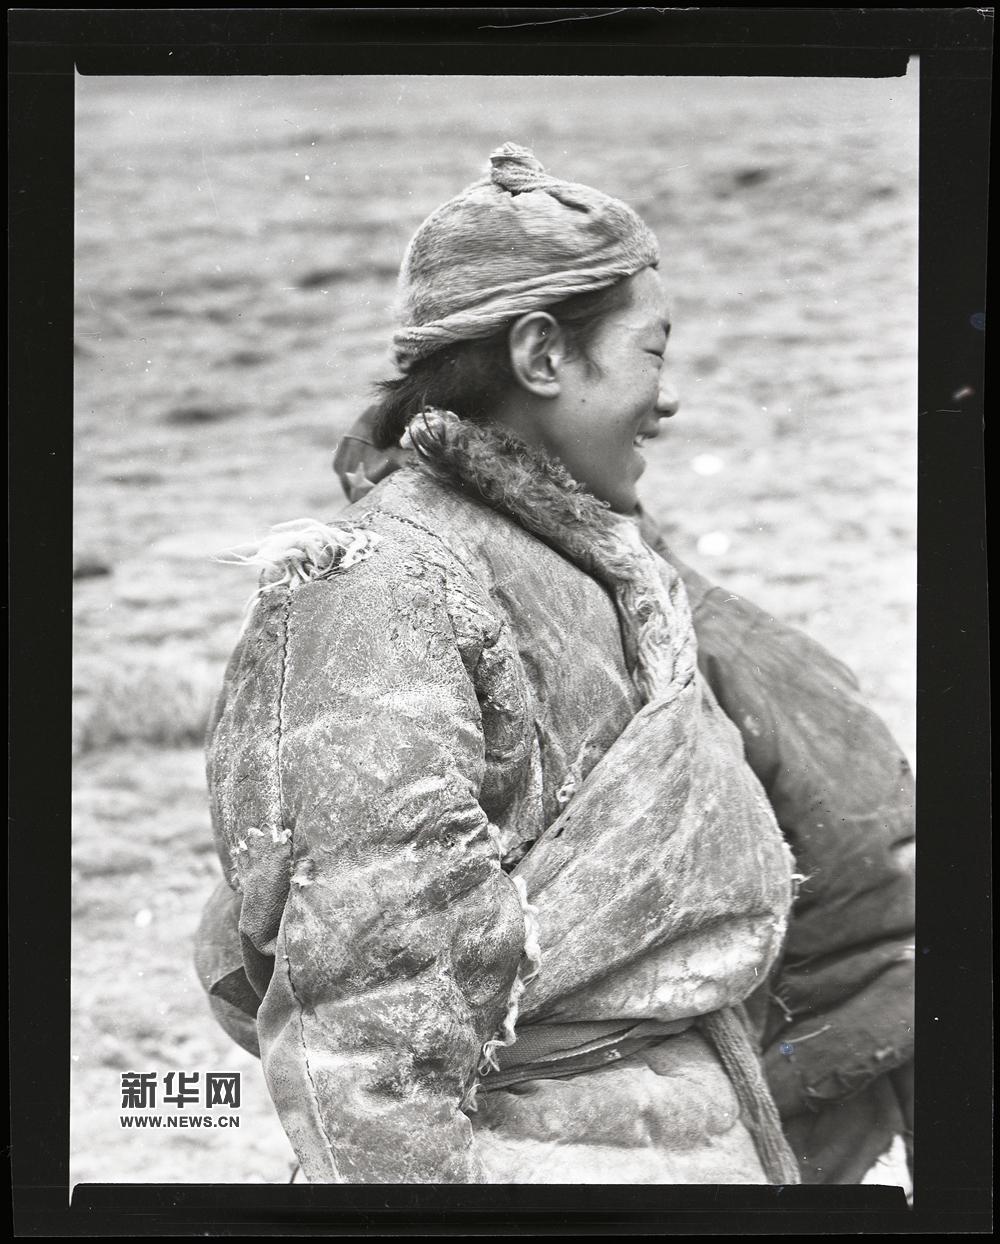 西藏摄影家【第16期】:罗浩